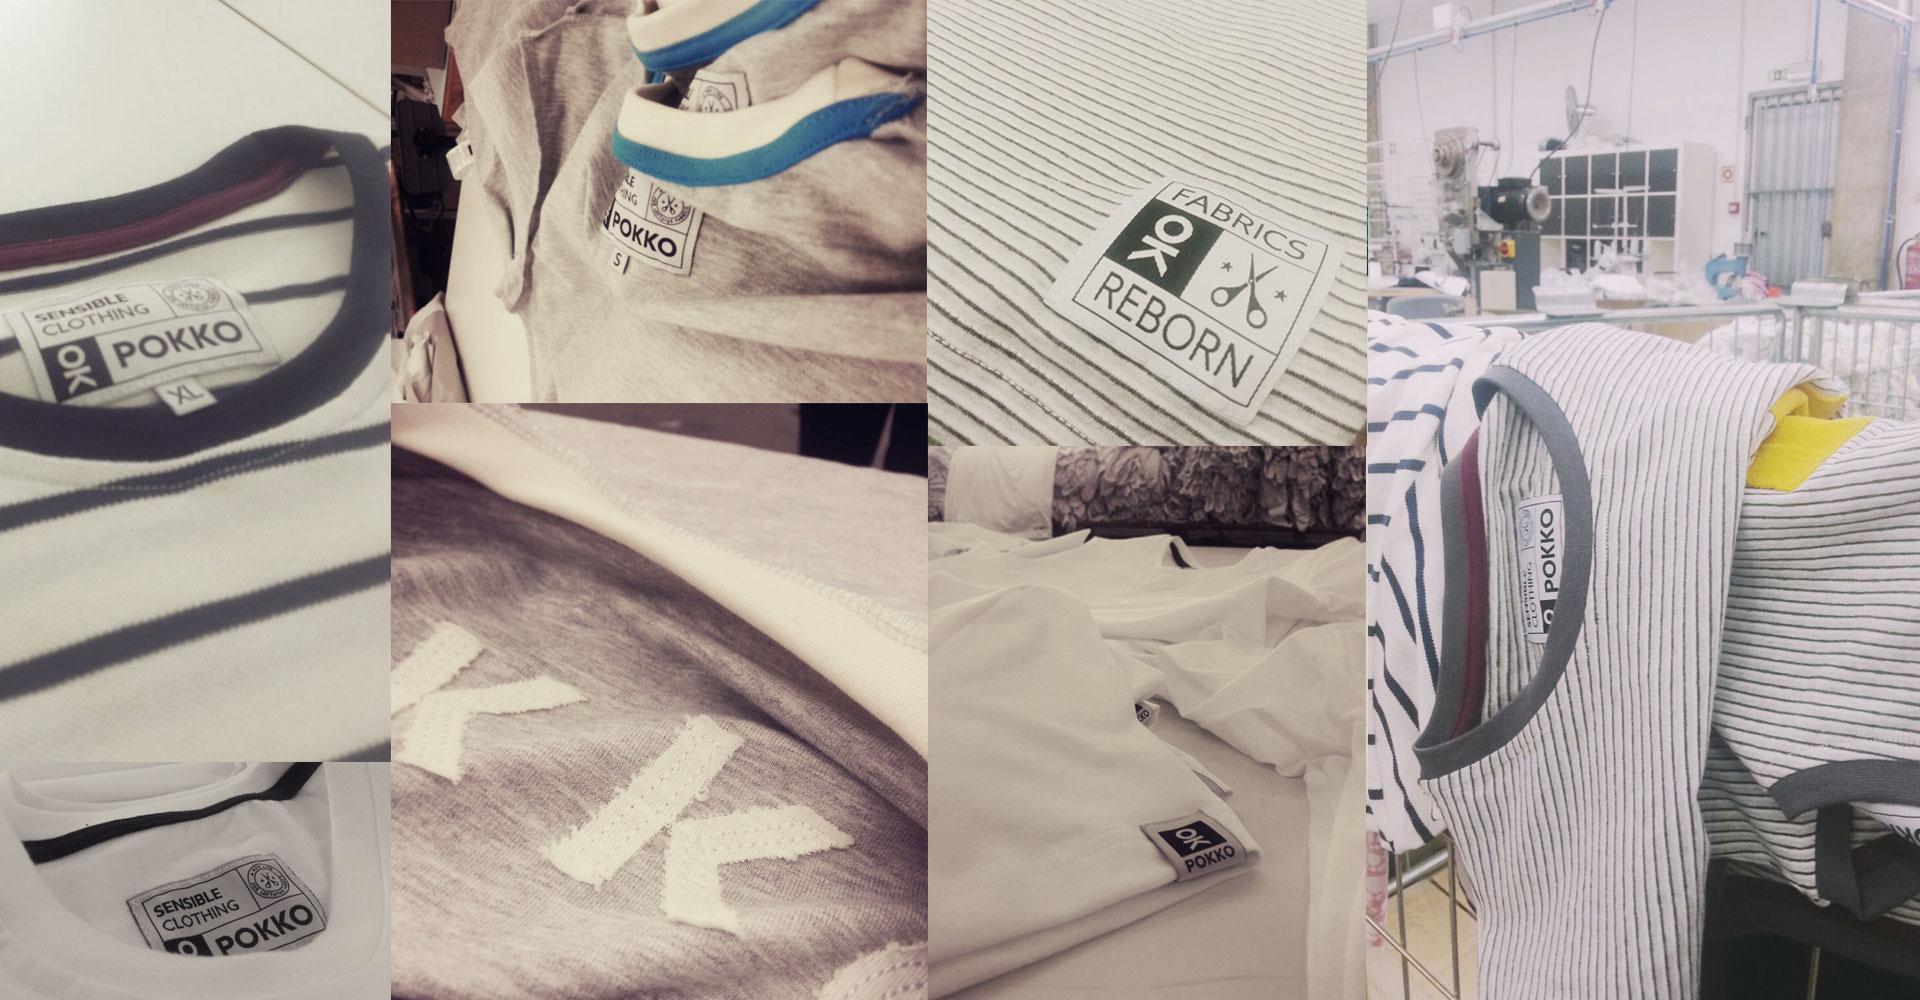 Pokko<br>Fabrics Reborn